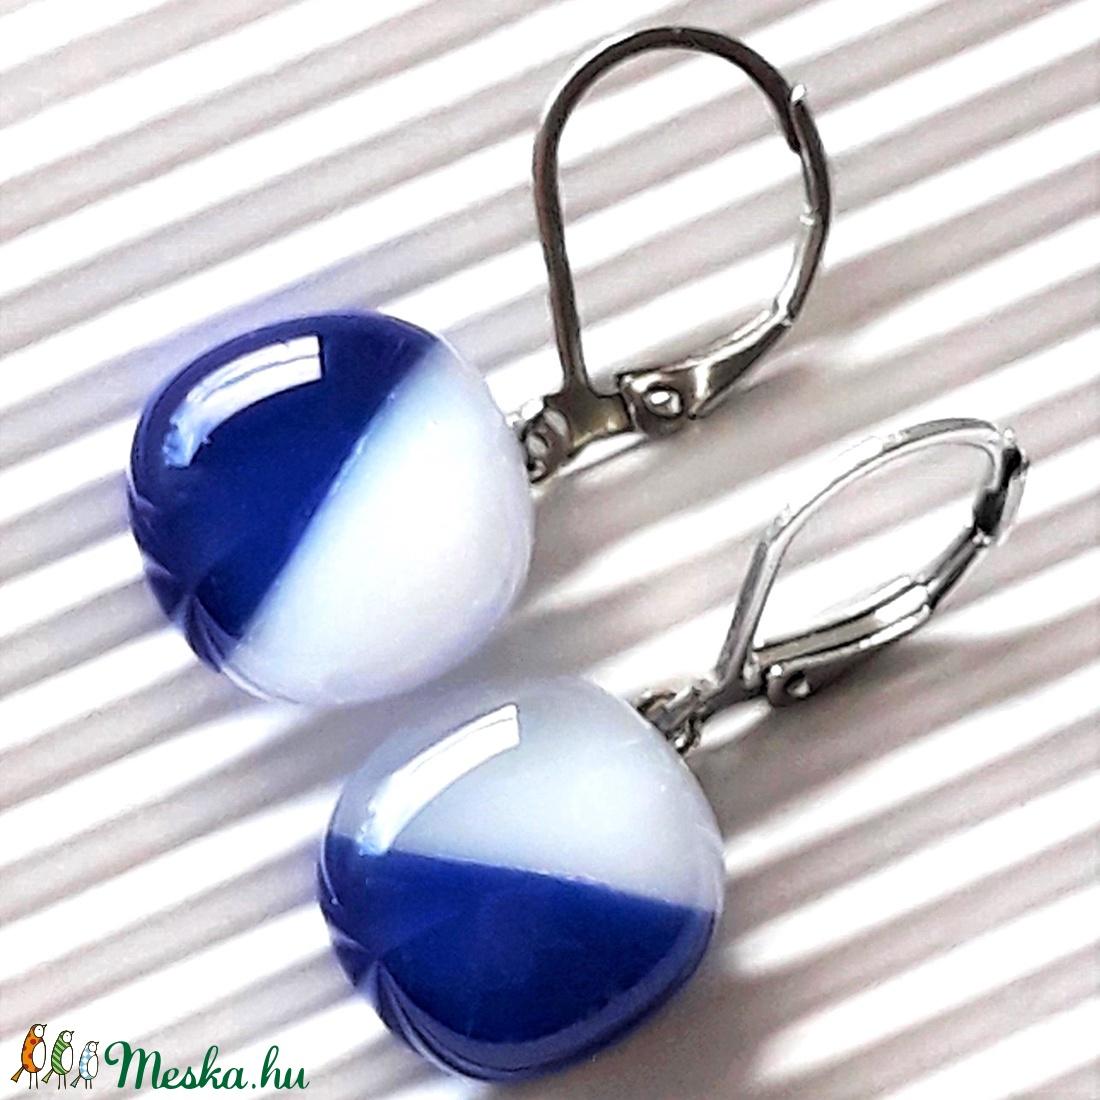 Tengerész kék-fehér lógós kocka üveg fülbevaló minimal orvosi fém alapon, üvegékszer - ékszer - fülbevaló - lógó fülbevaló - Meska.hu